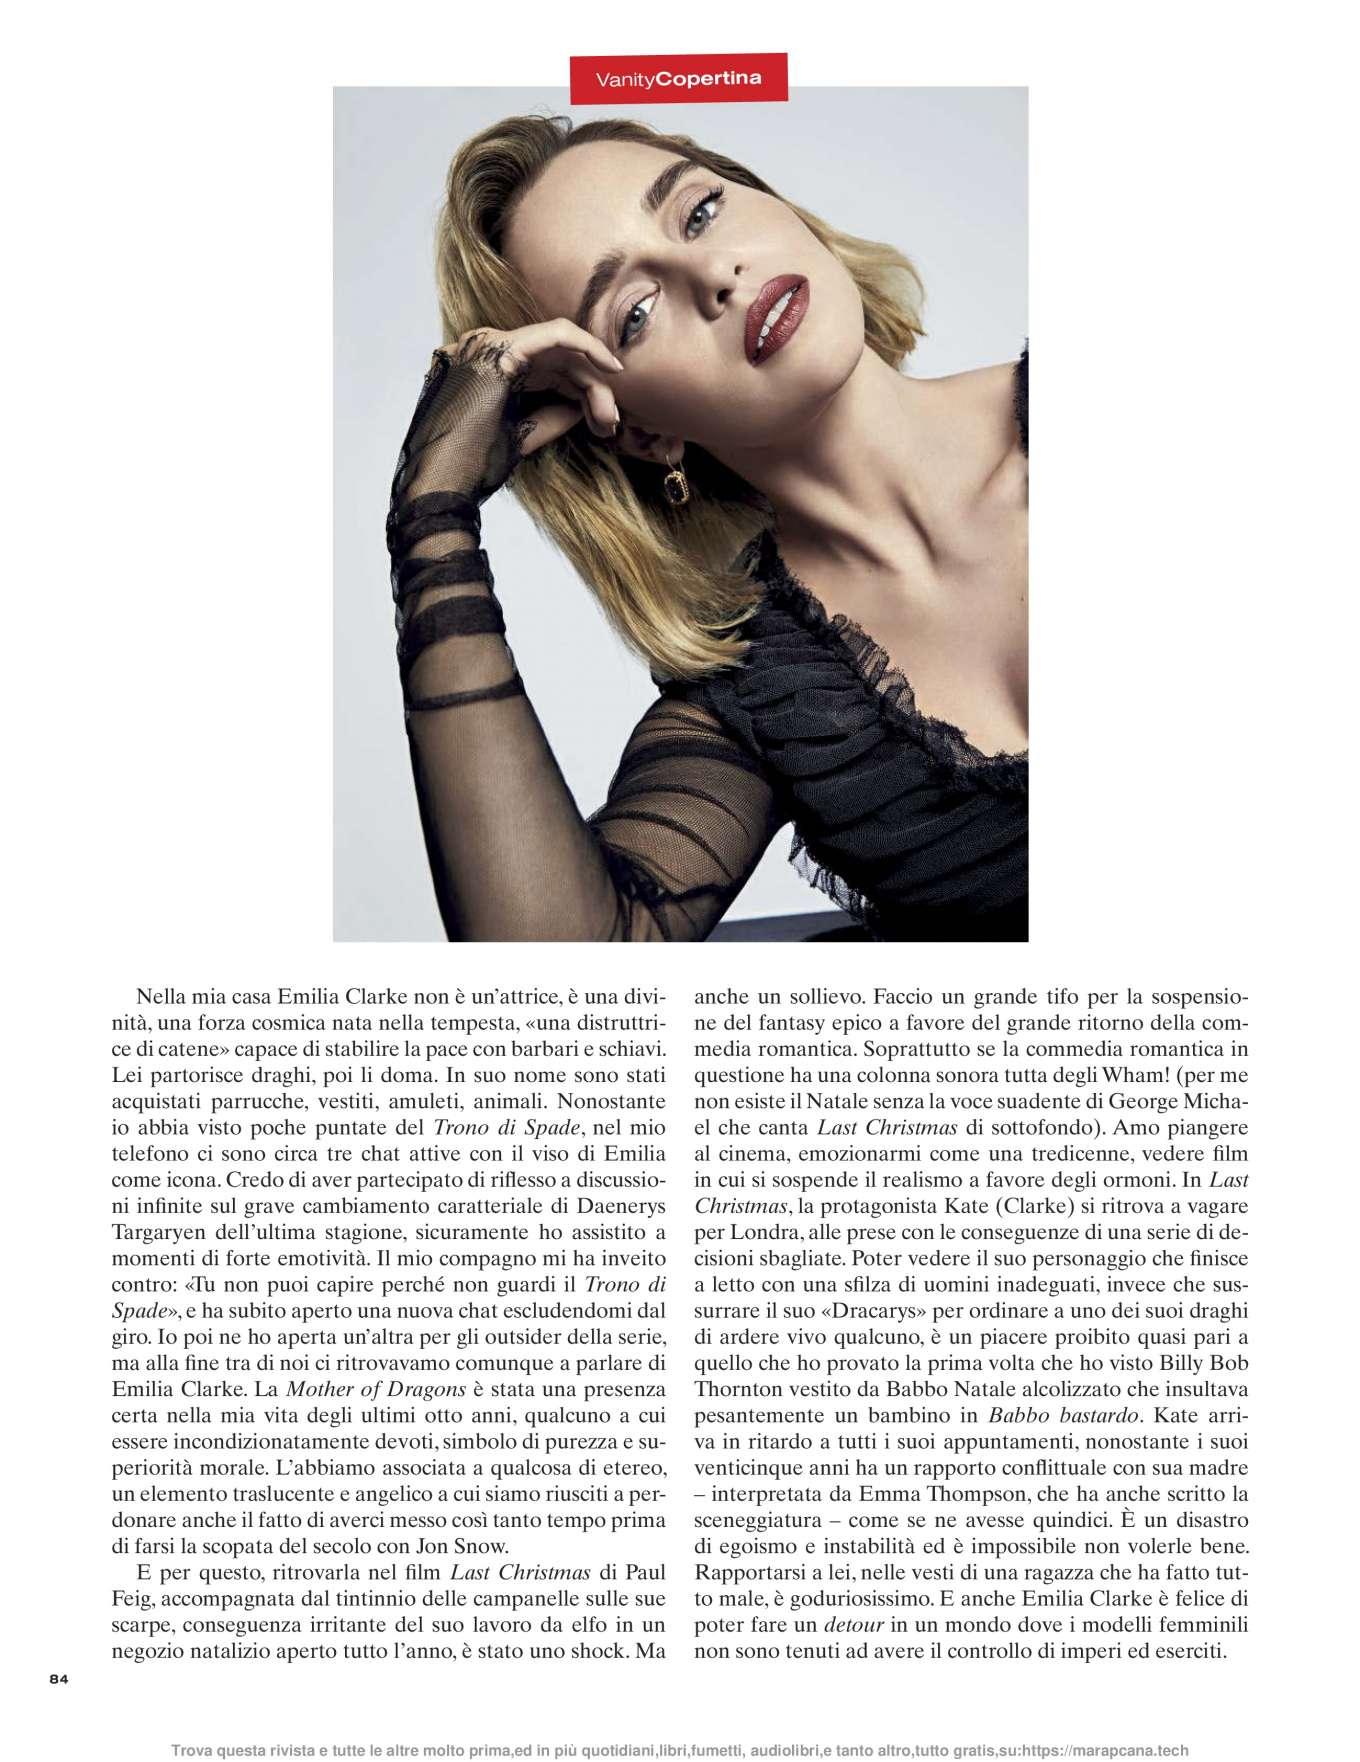 Emilia Clarke 2019 : Emilia Clarke – Vanity Fair Italy 2019-01